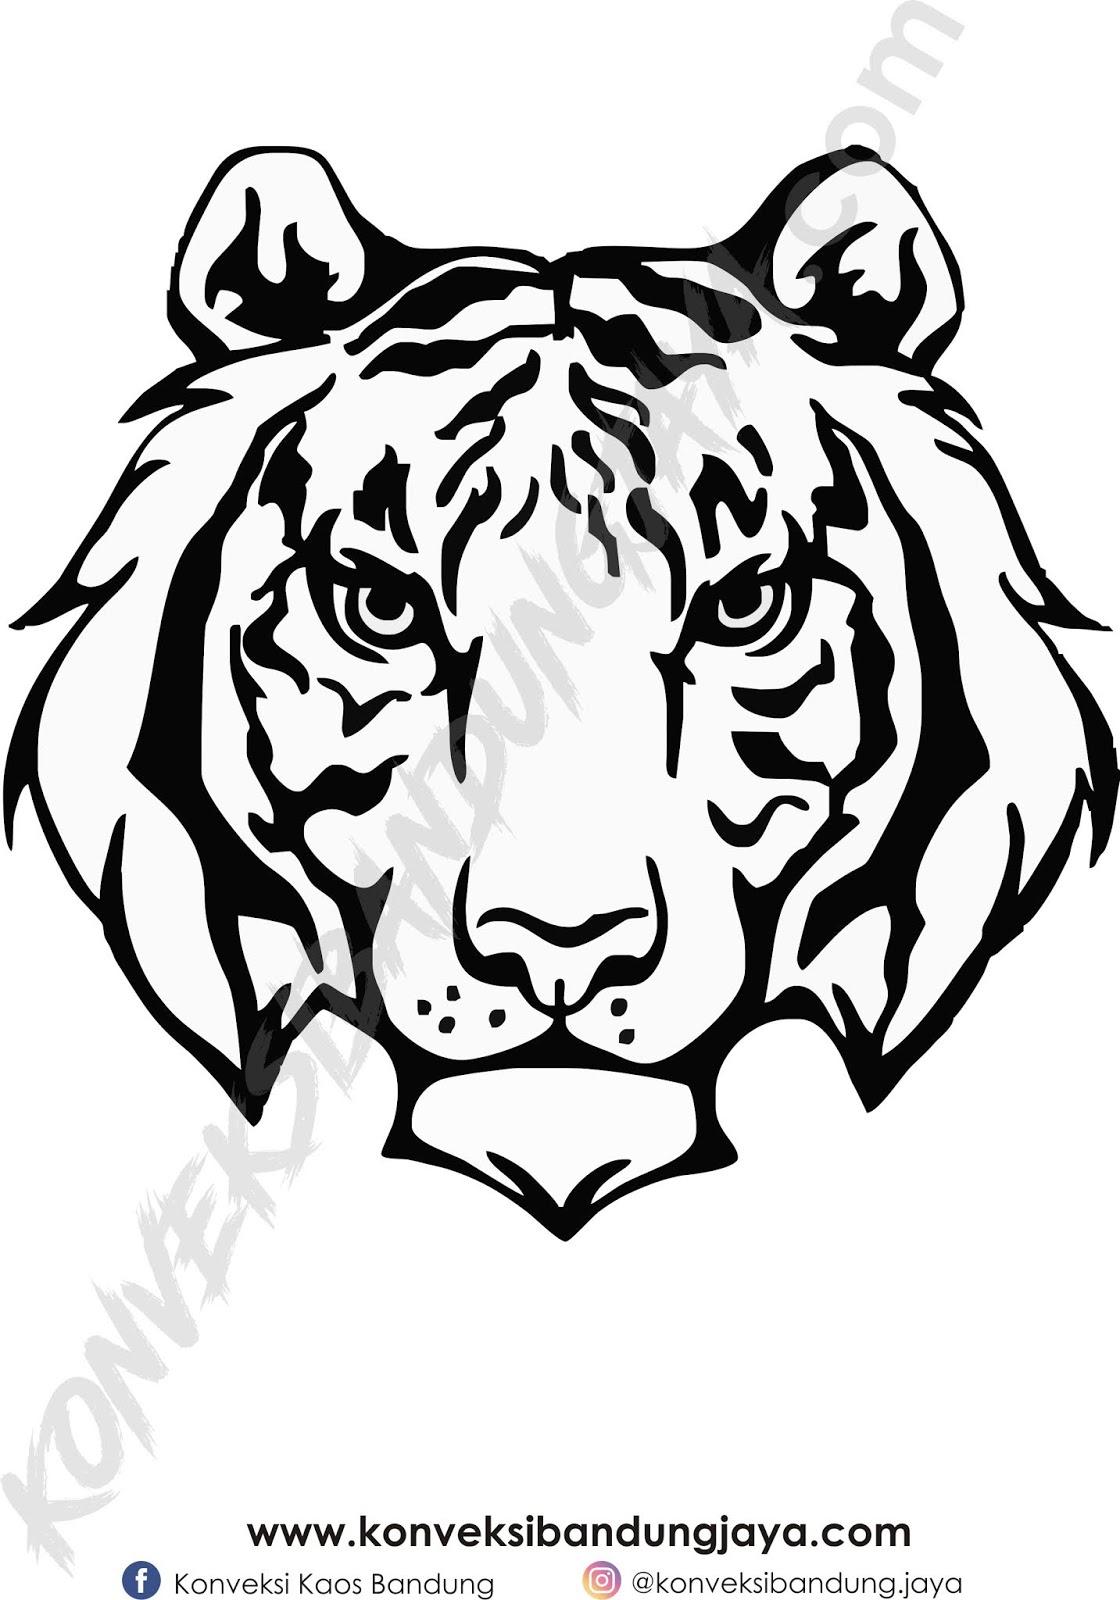 Gambar Harimau Hitam Putih : gambar, harimau, hitam, putih, Gambar, Kepala, Harimau, Hitam, Putih, Keren